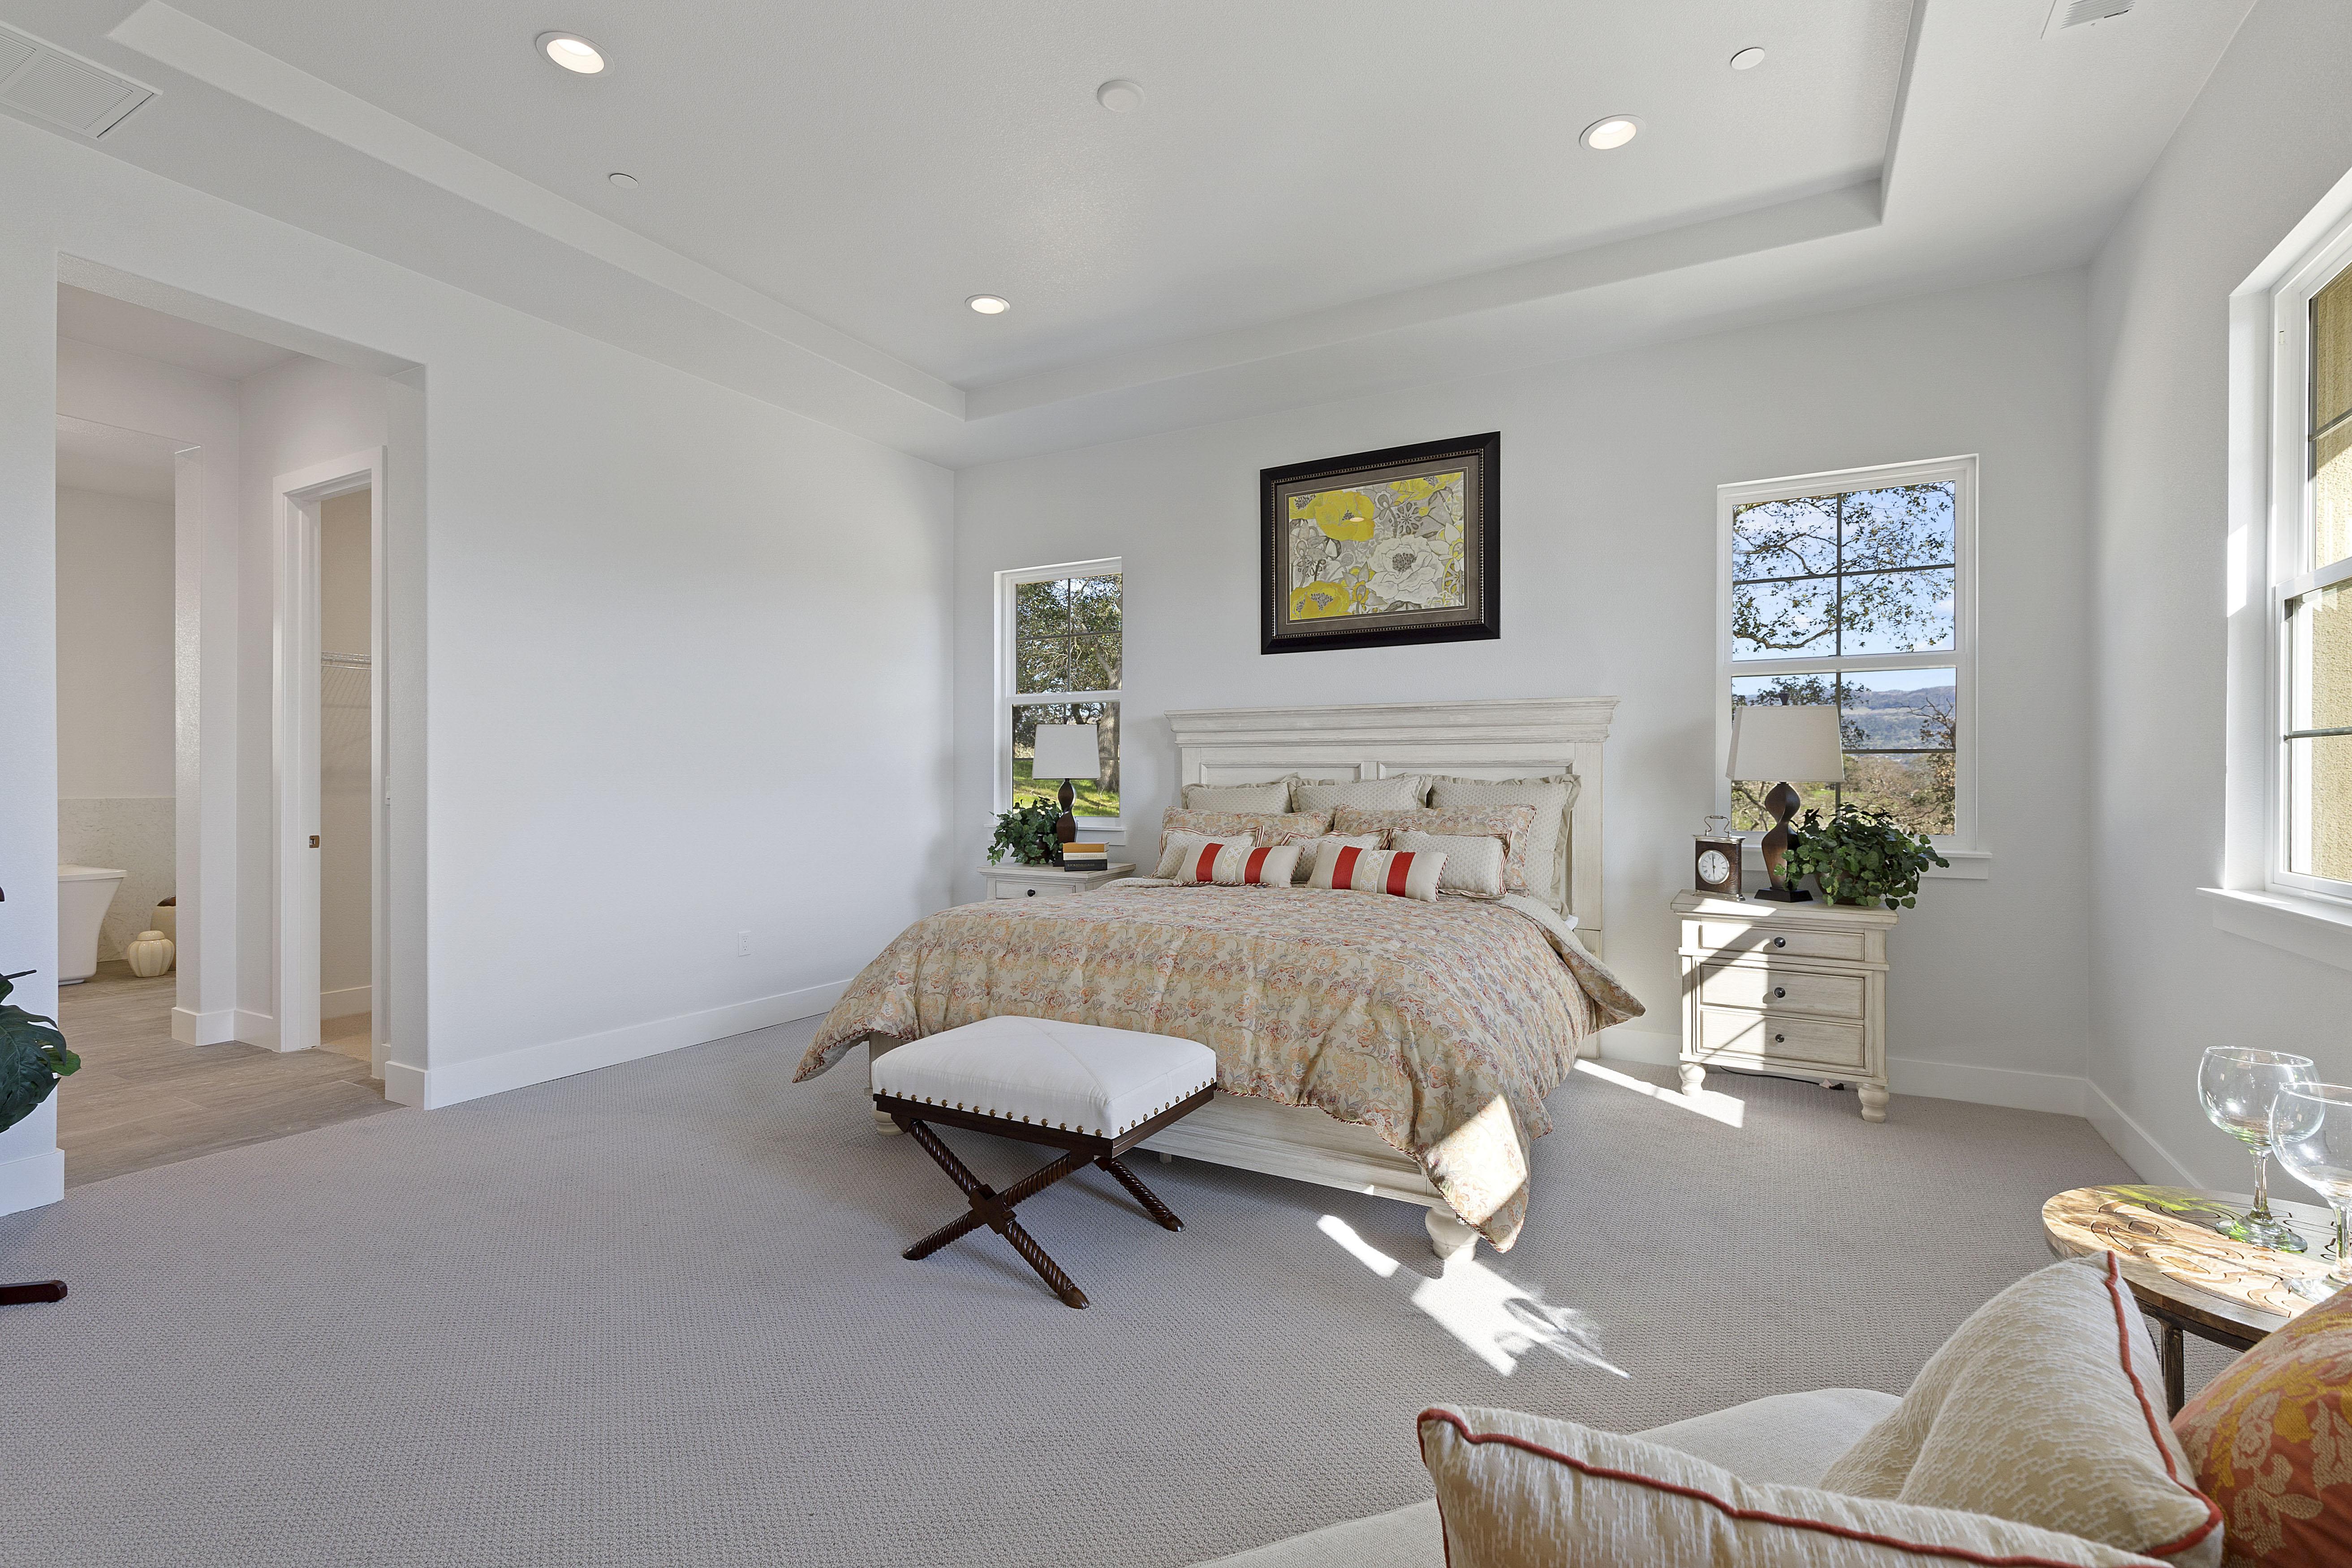 Bedroom carpet   Elite Builder Services